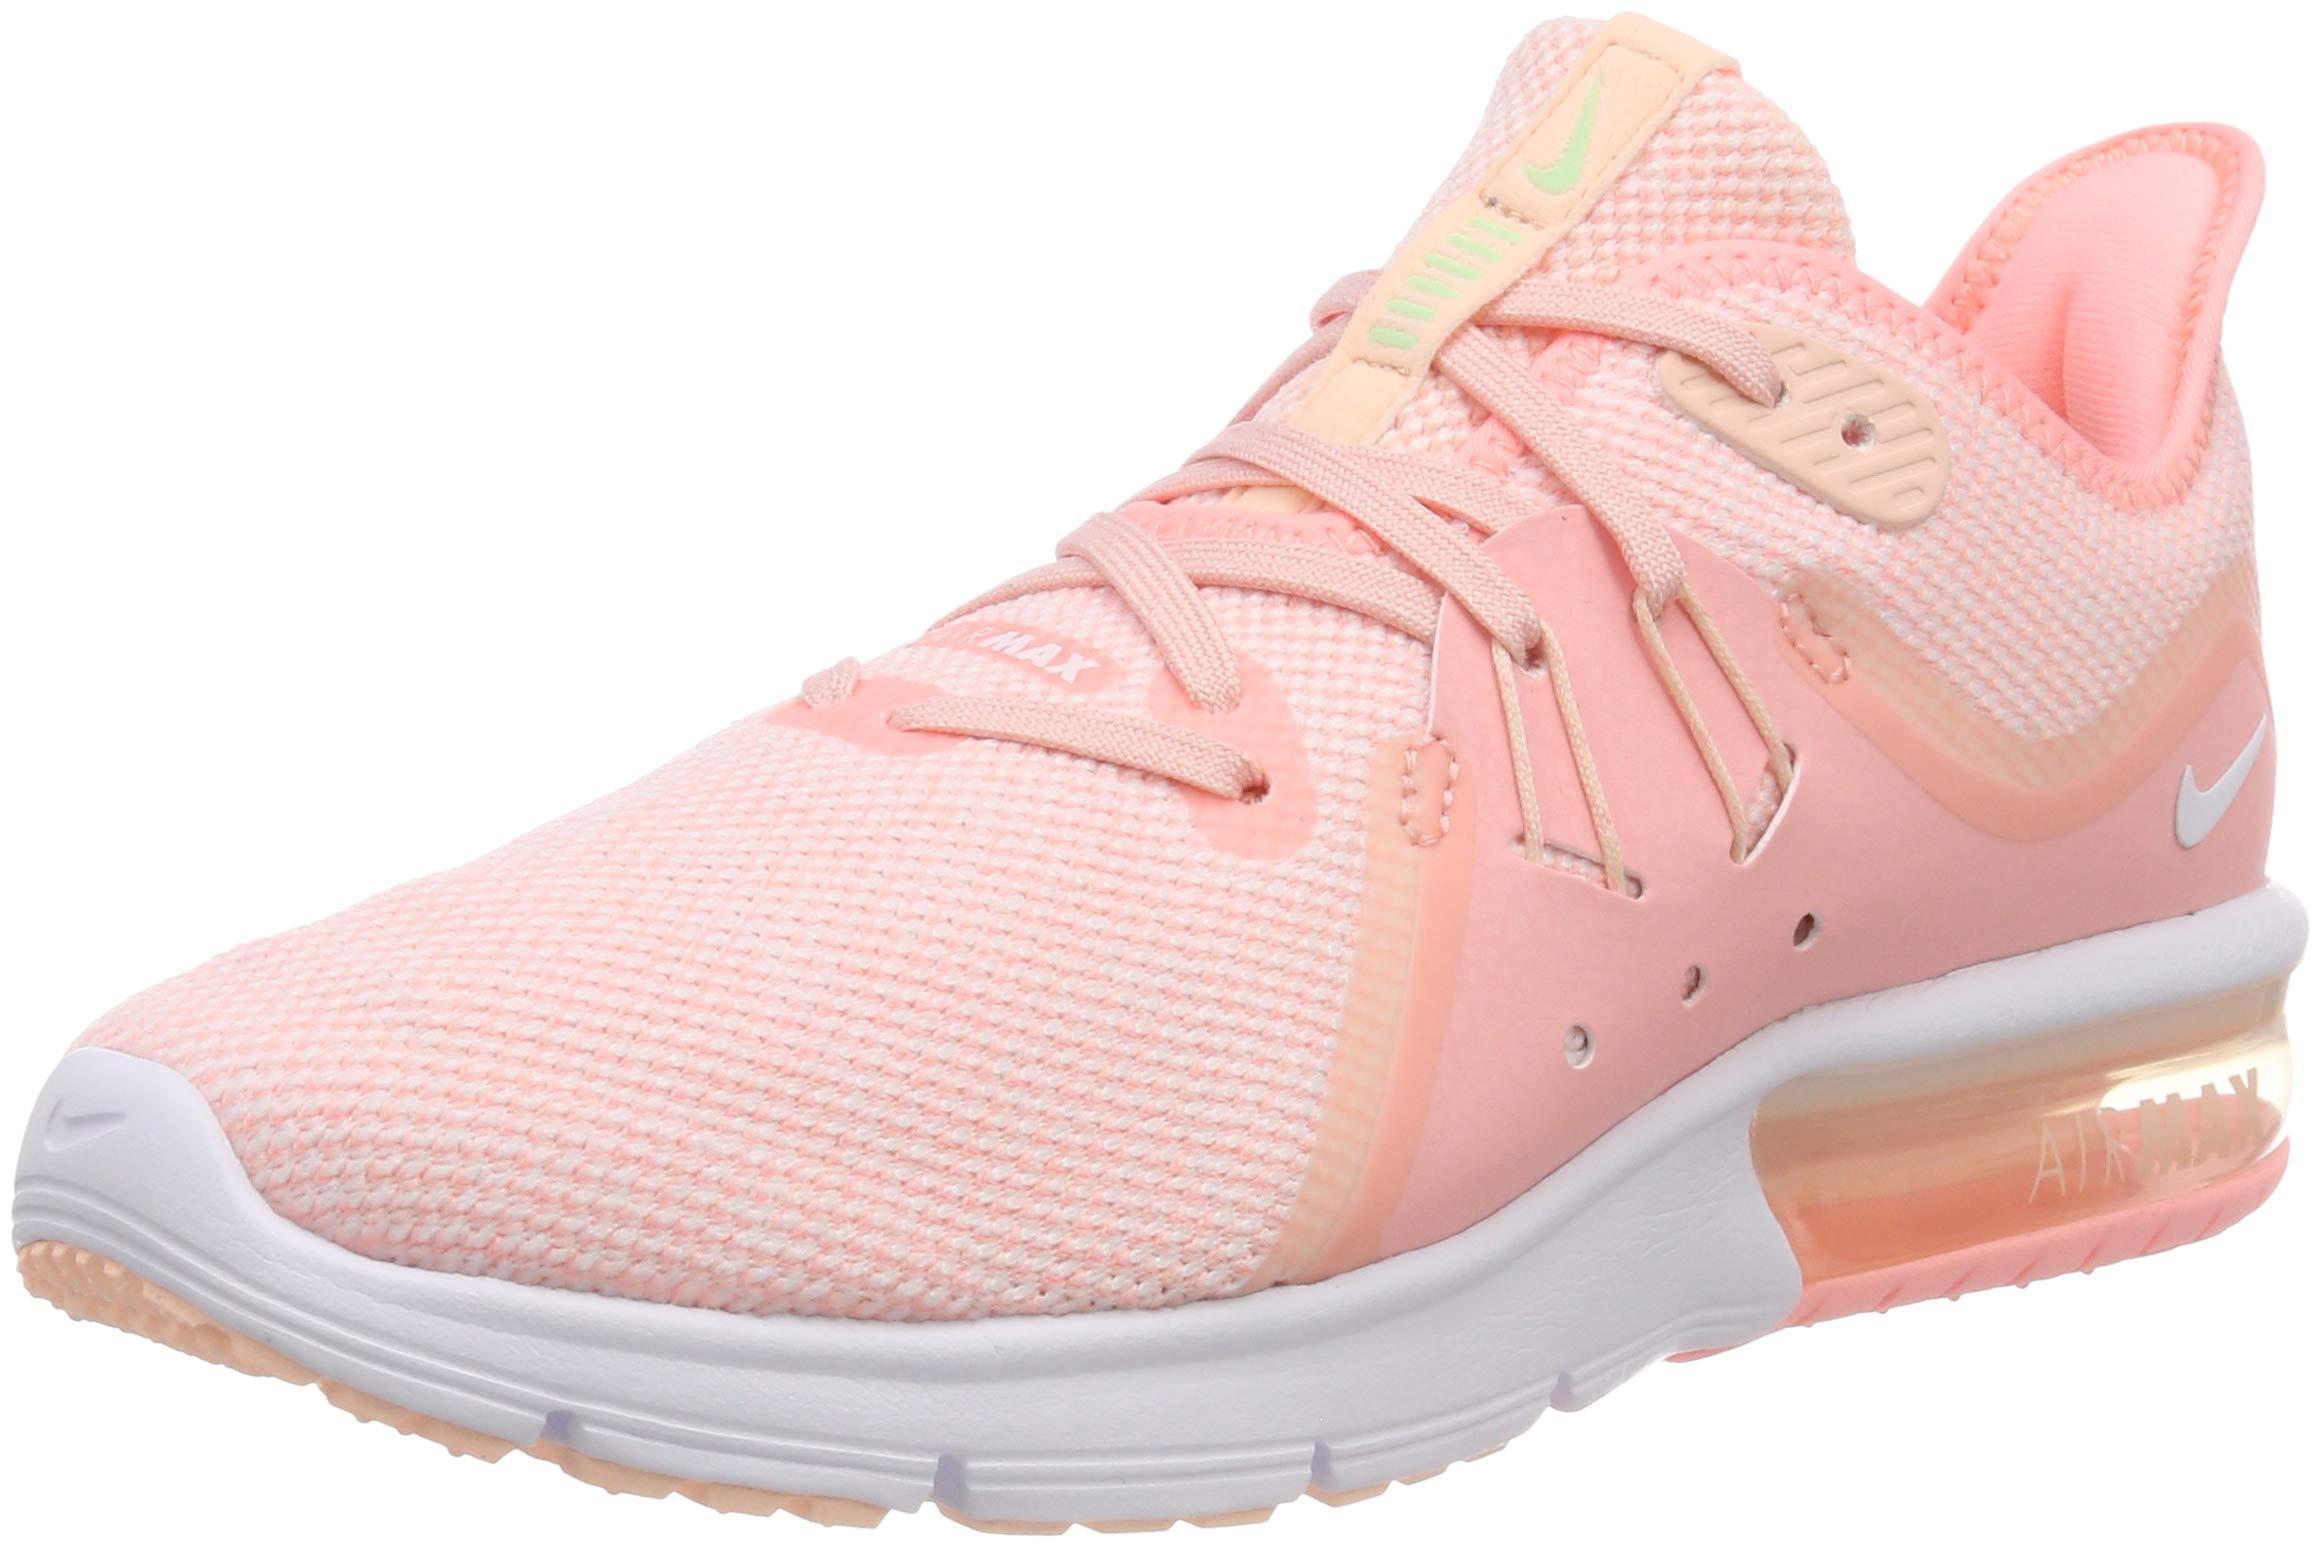 Running Shoe Pink Tint